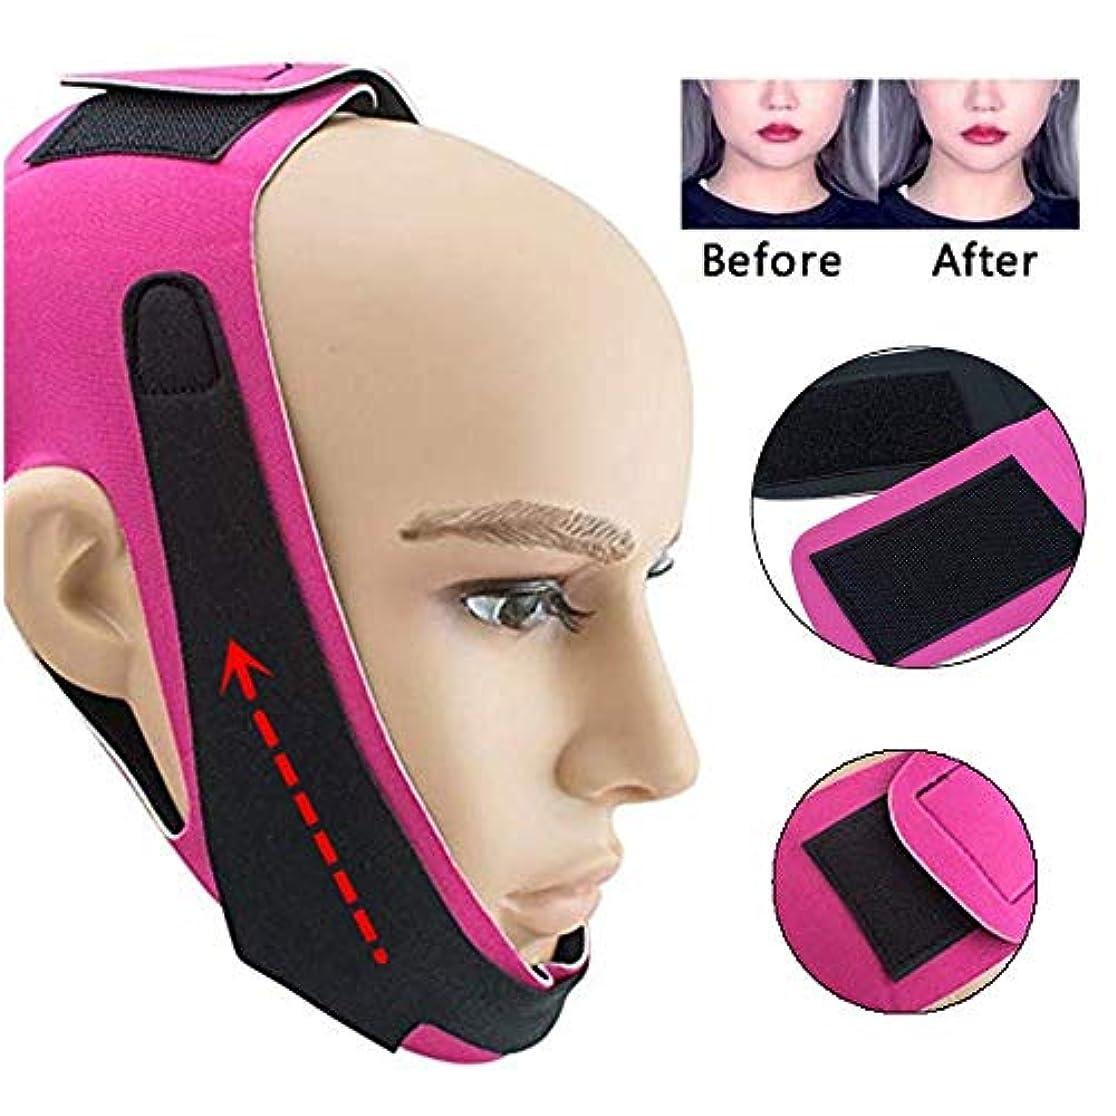 気質始まりコメントThin Face Bandage Face Slimmer Get Rid Of Double Chin Create V-Line Face Shapes Chin Cheek Lift Up Anti Wrinkle...